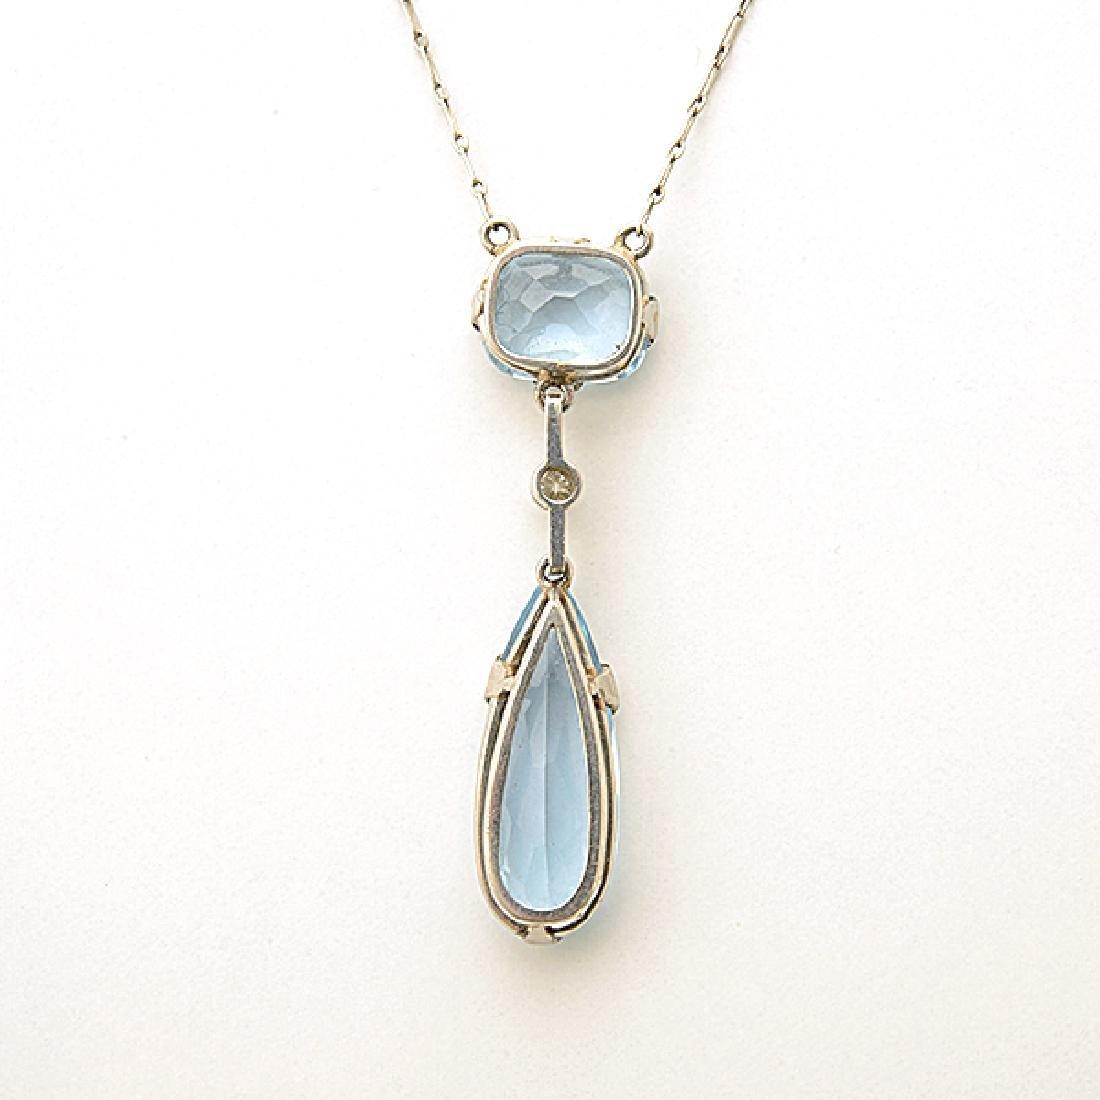 Aquamarine, Diamond, Platinum, Silver Necklace. - 3